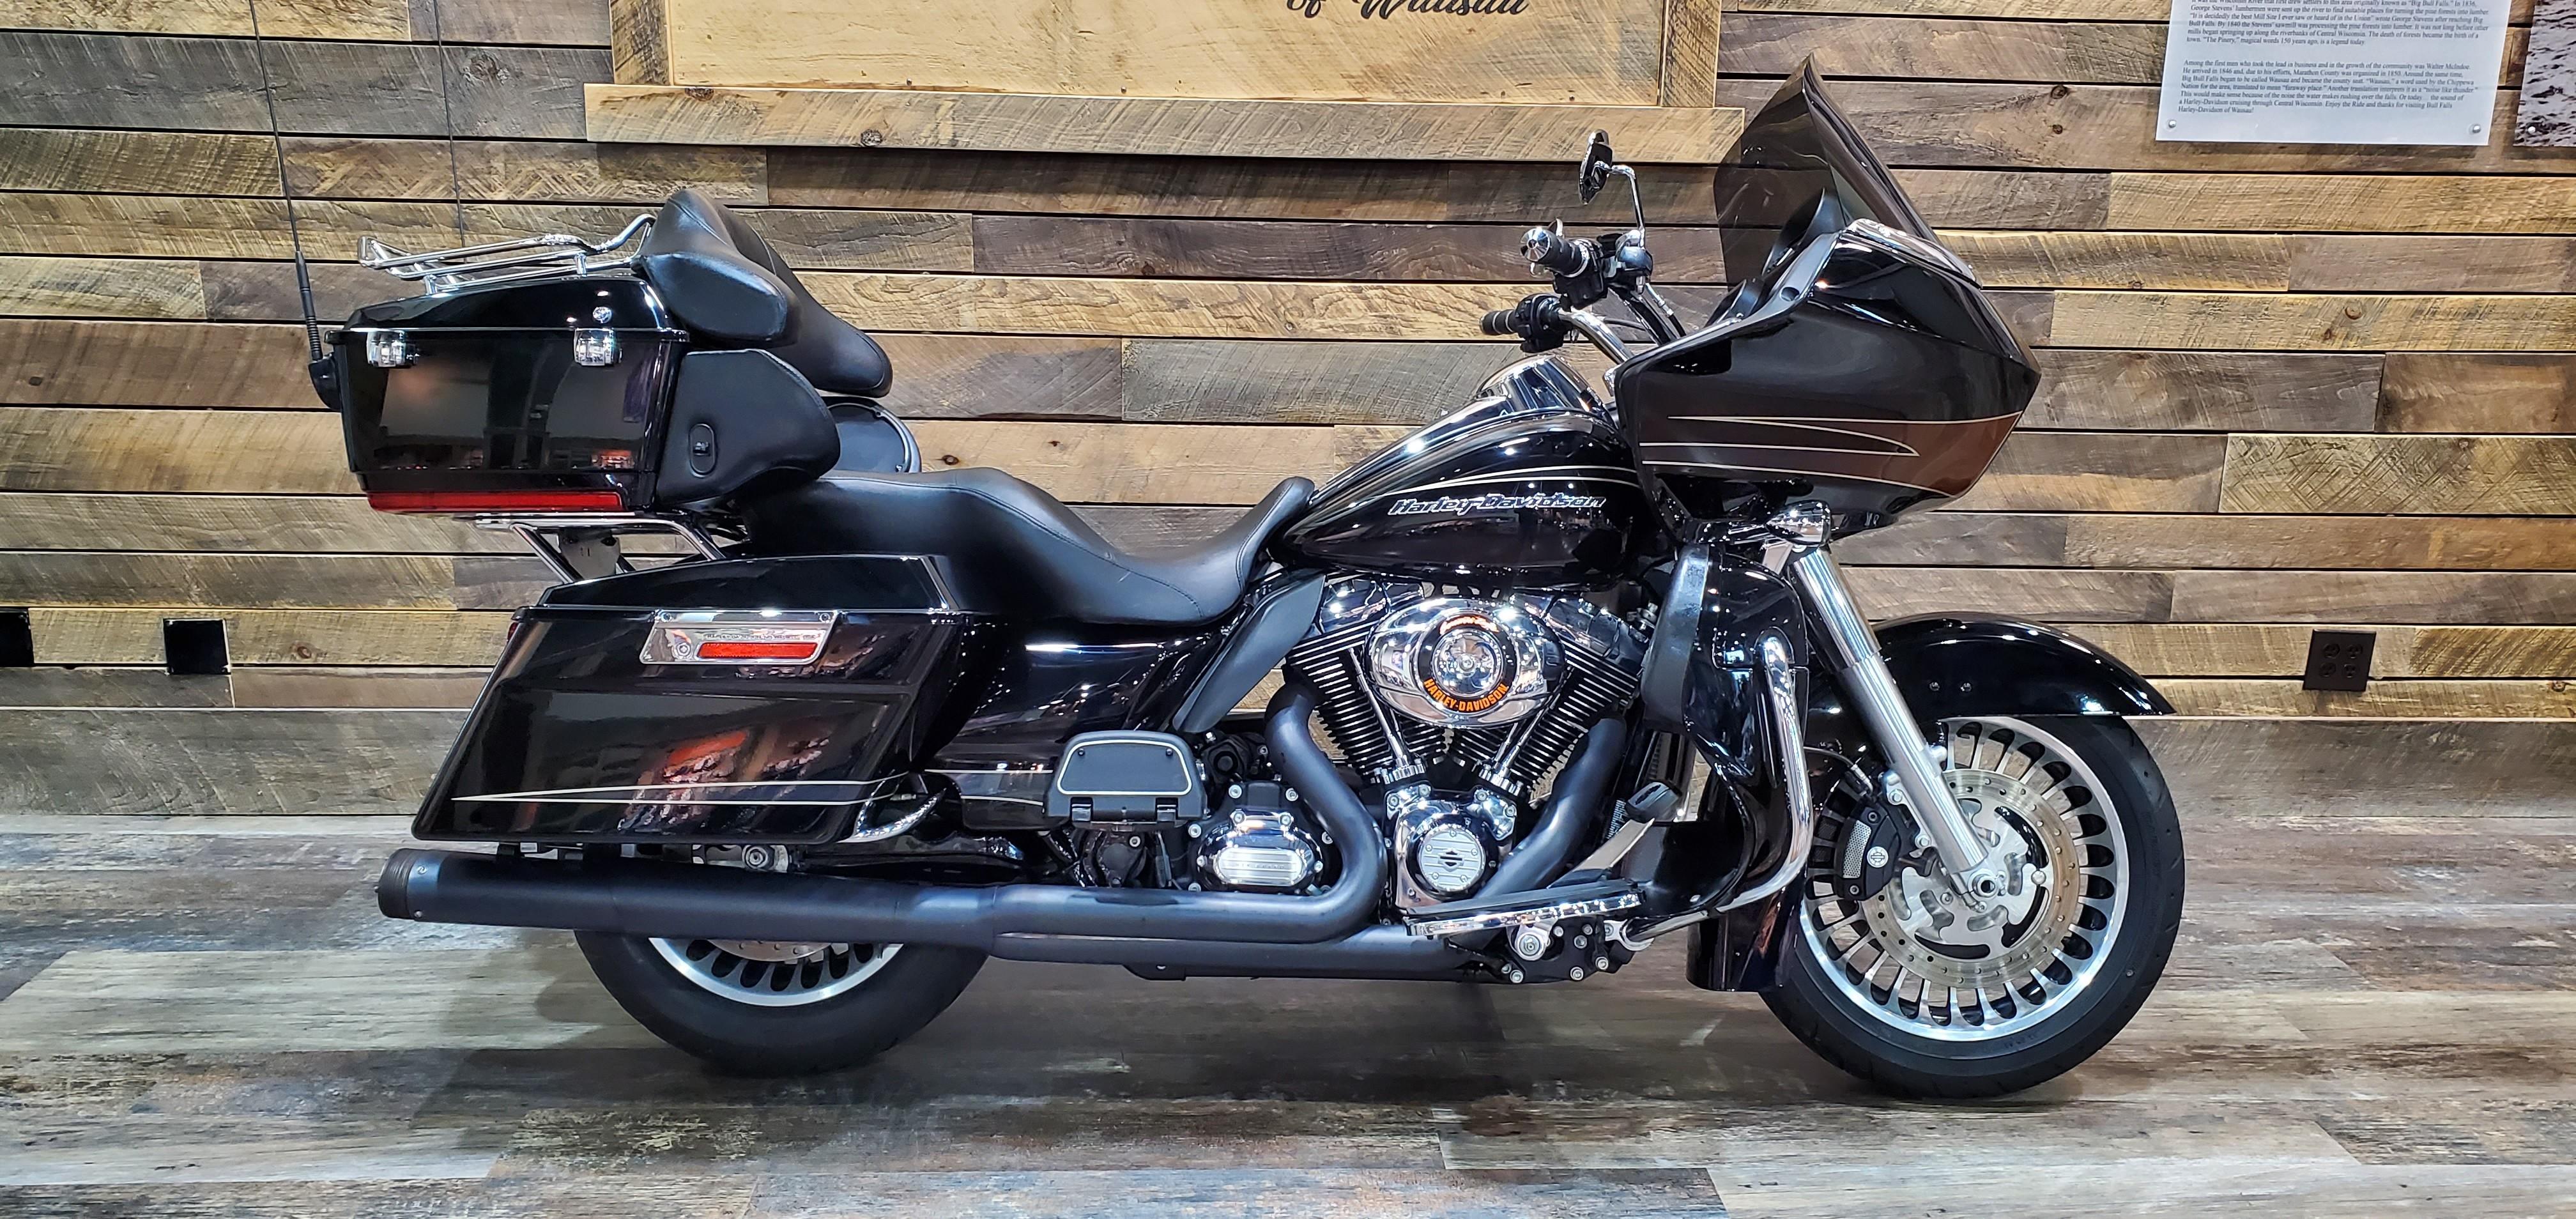 2011 Harley-Davidson Road Glide Ultra at Bull Falls Harley-Davidson